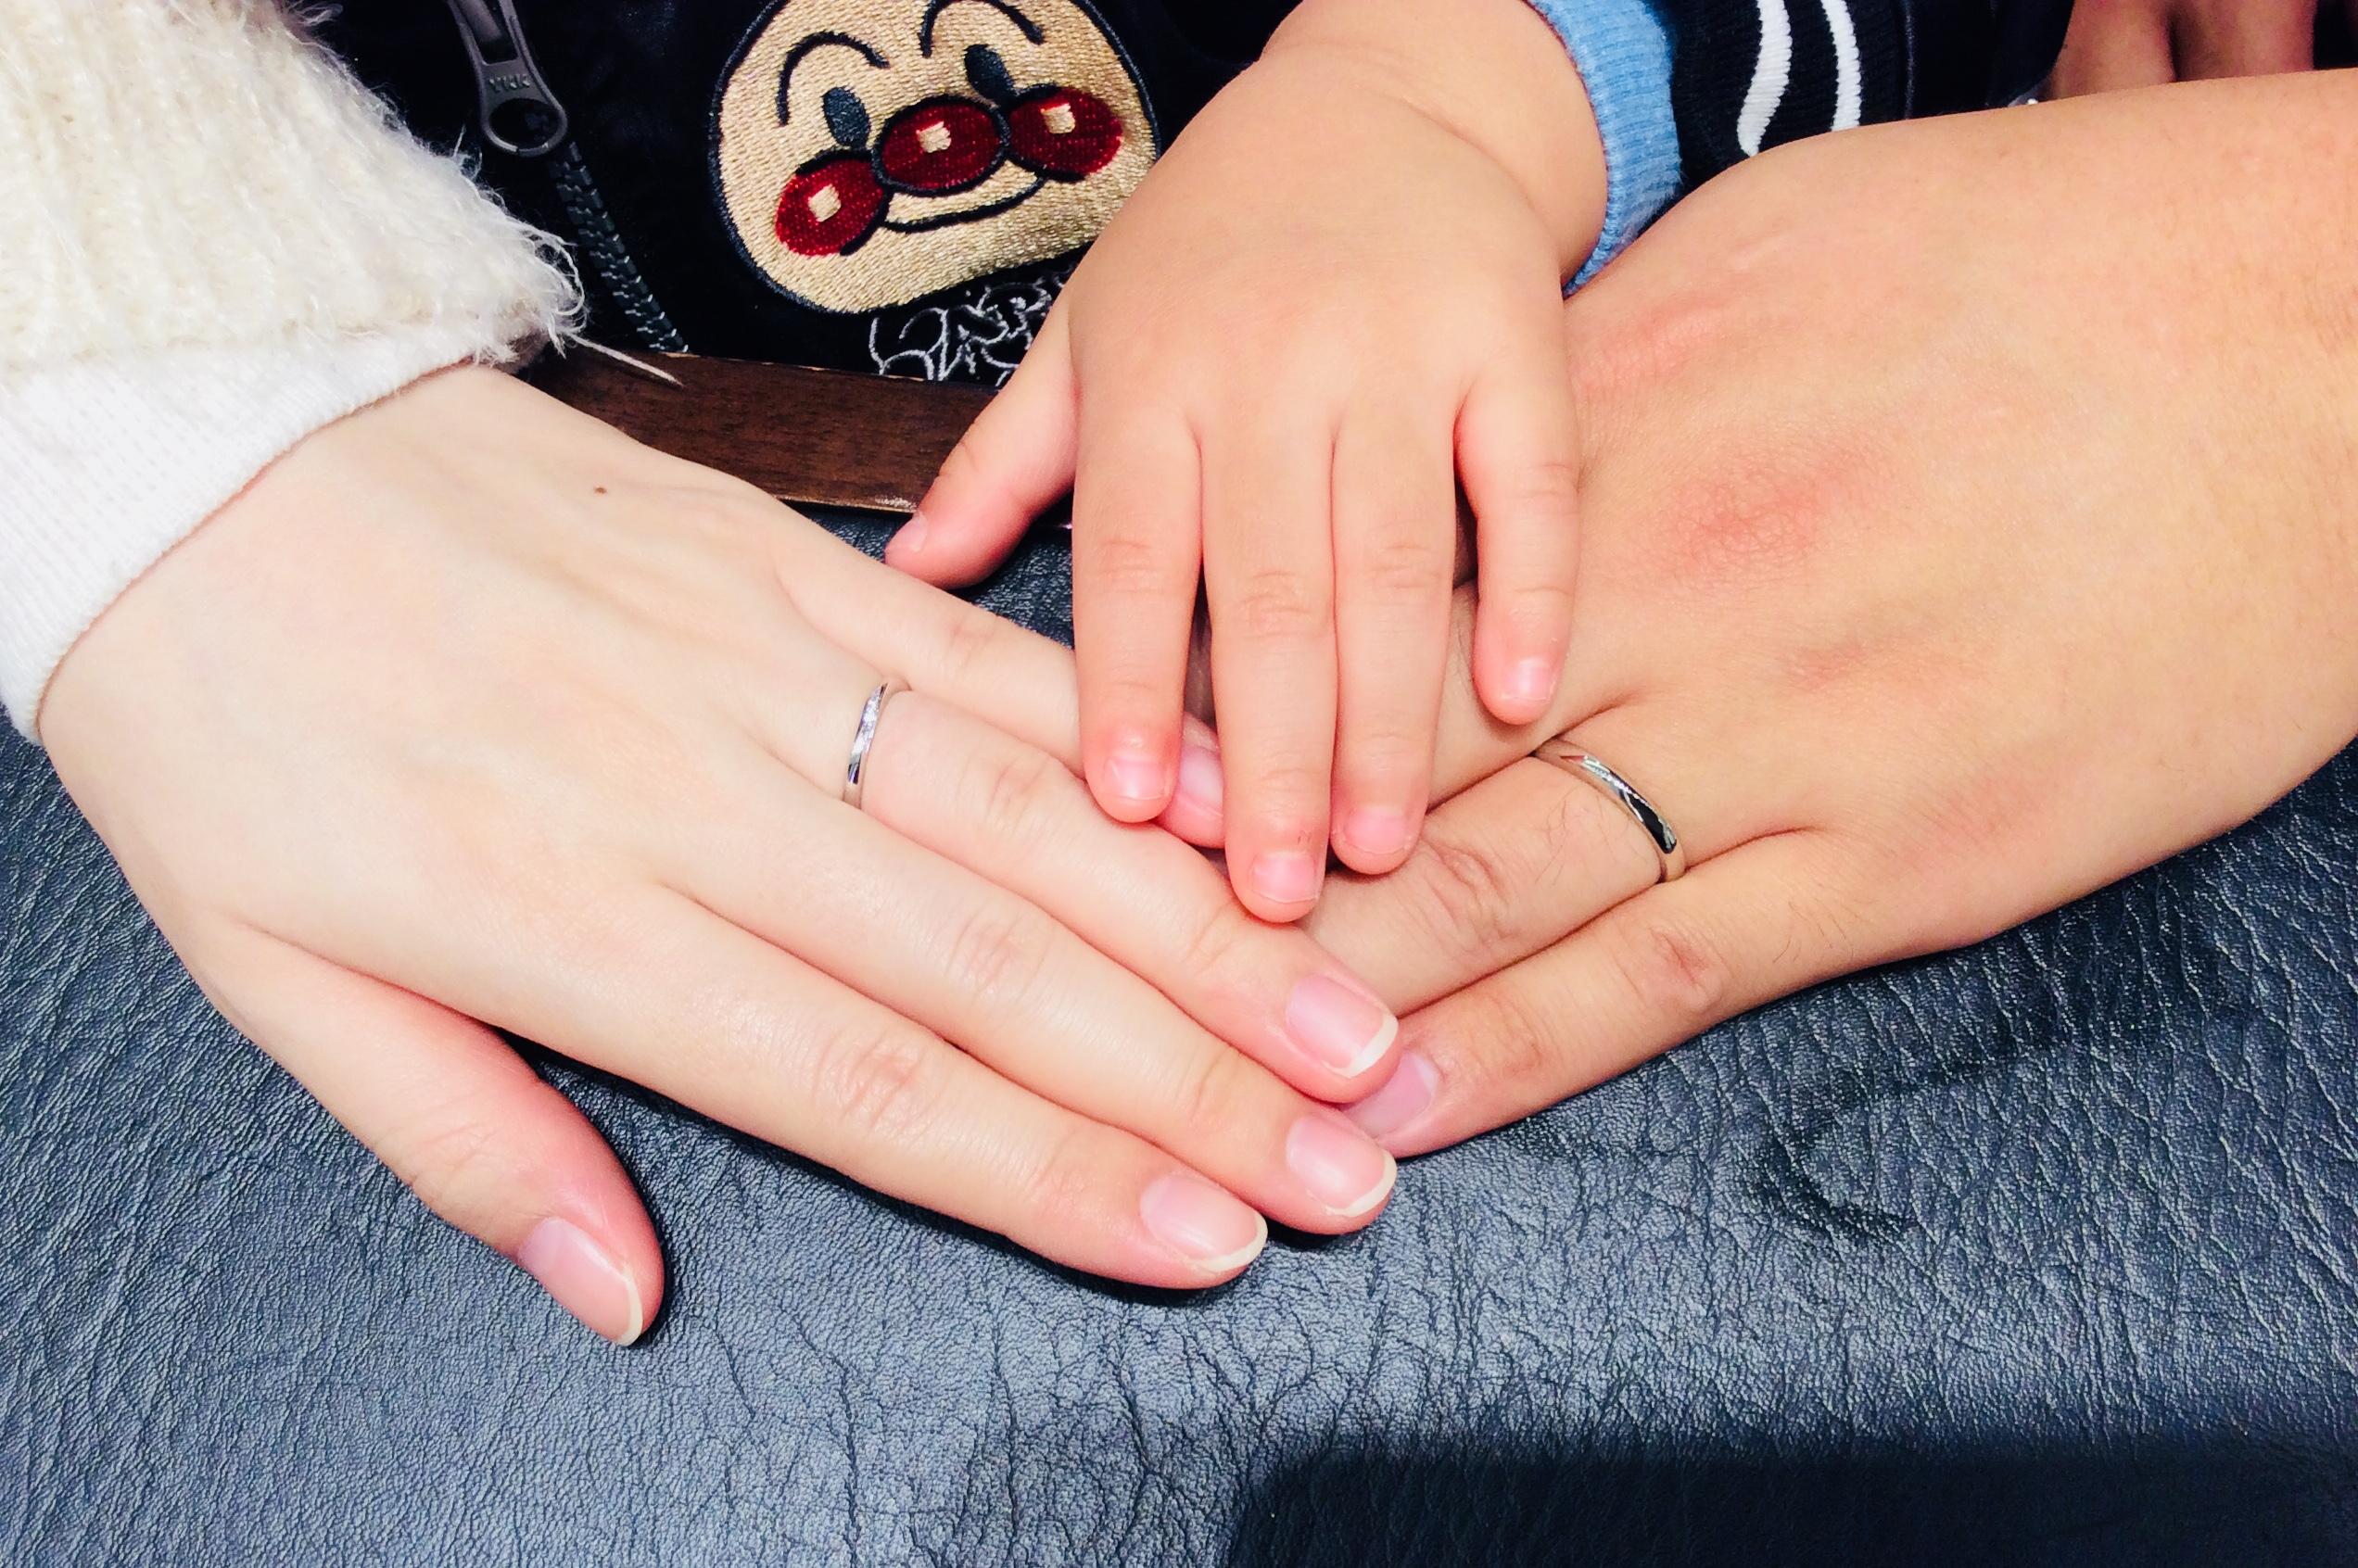 「凛&朝葉」俄(にわか)の結婚指輪をご成約/野澤雄大様&黎様